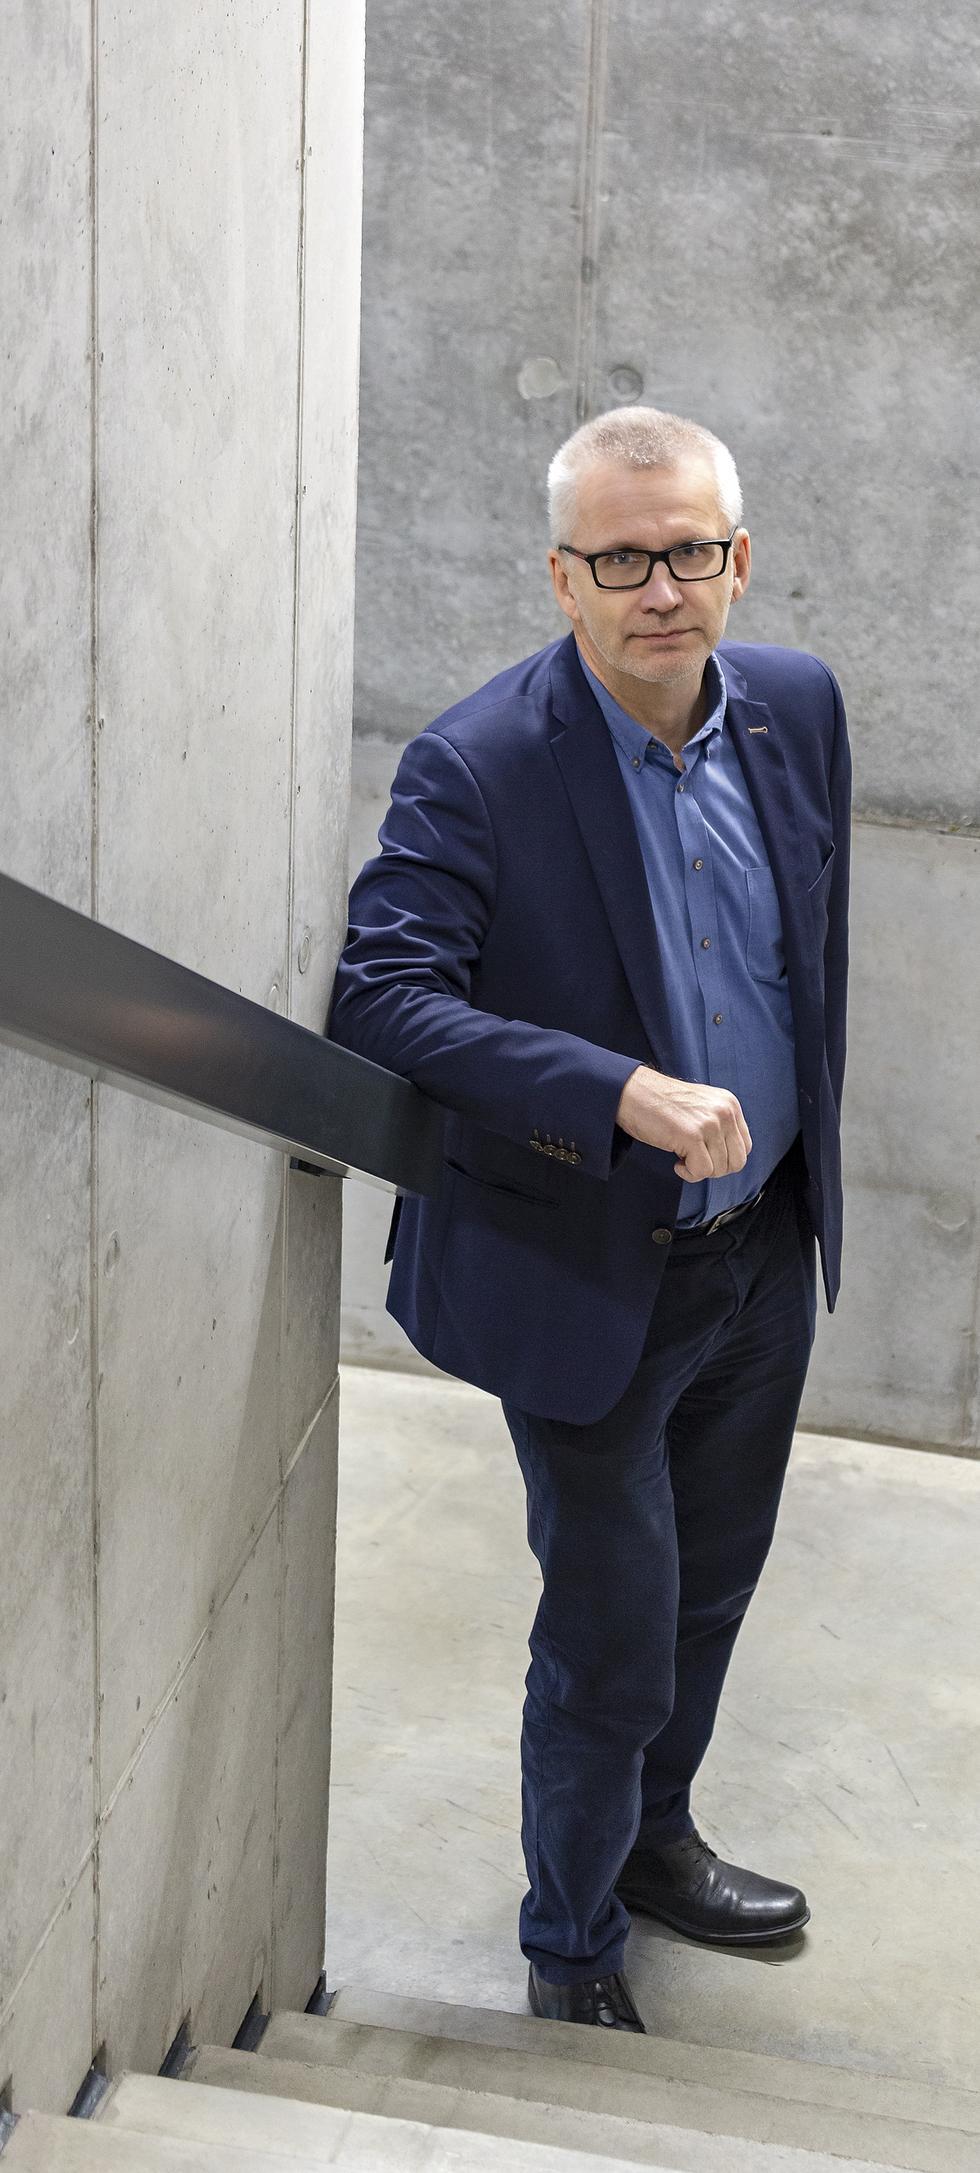 Rozmowa z Szymonem Wojciechowskim, współautorem siedziby biura architektonicznego APA Wojciechowski